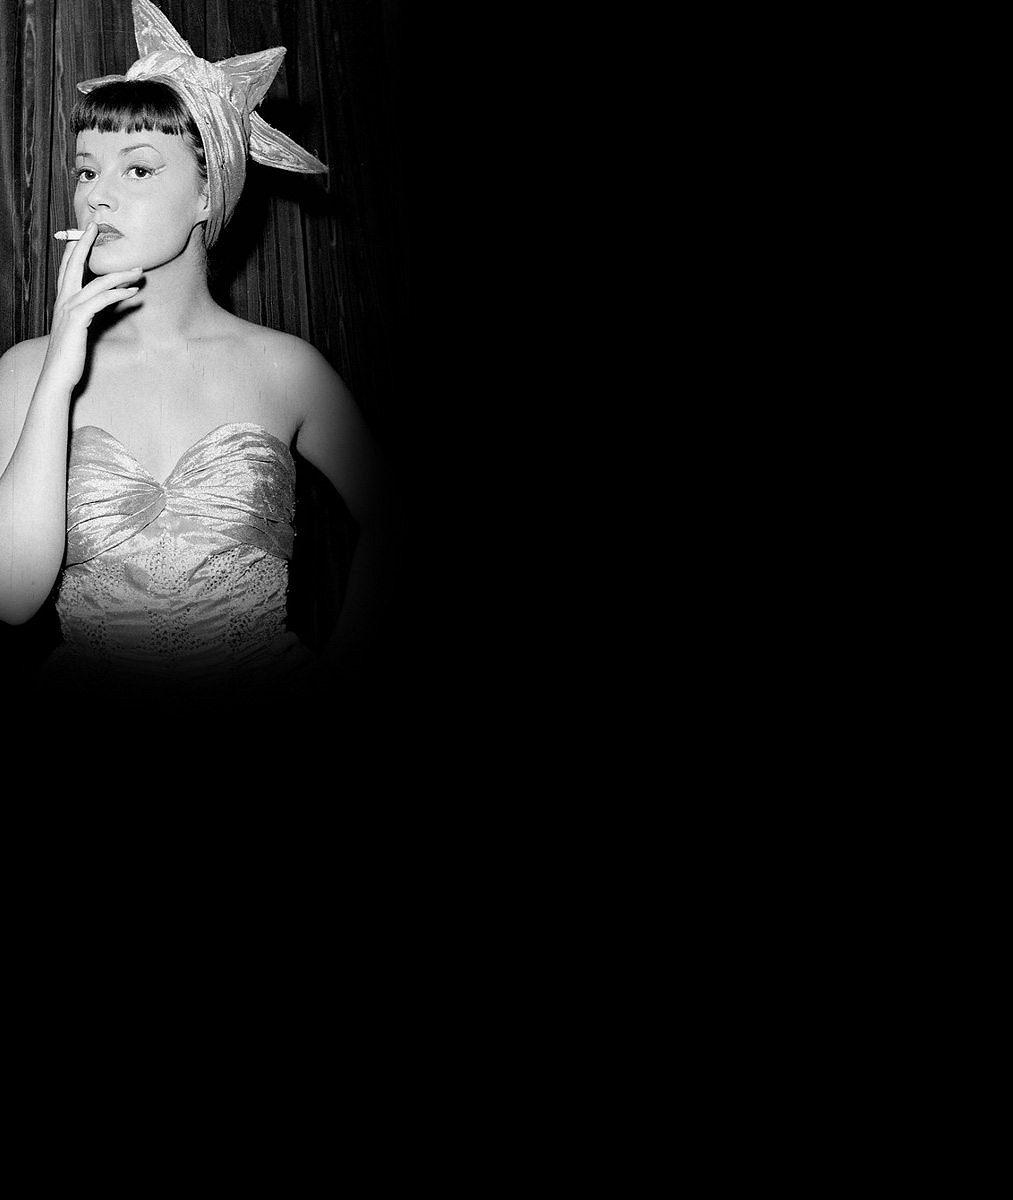 Francouzská kinematografie přišla o ikonickou herečku (✝89): Takhle to slavné krásce slušelo v odvážných scénách